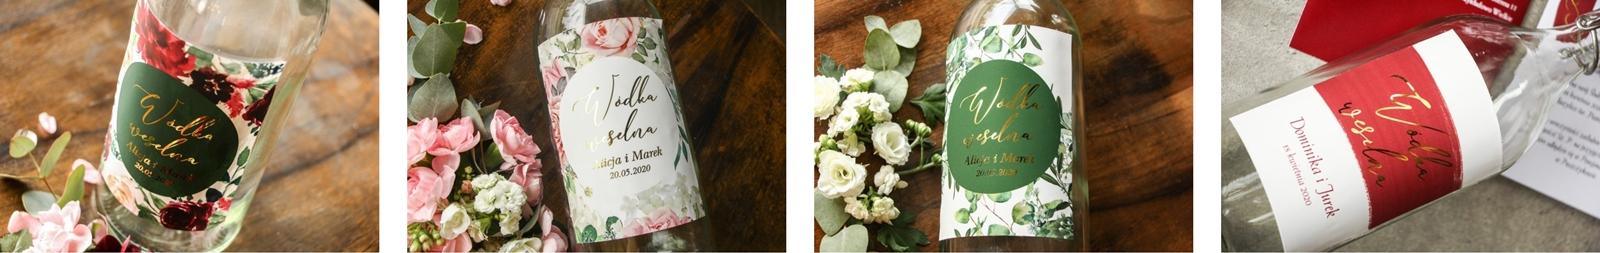 Nie wiesz ile alkoholu kupić wesele? Ile butelek wódki, wina, piwa i bimbru kupić na weselny stół? Podpowiem Ci, a także zdradzę gdzie kupić tanie i najładniejsze przywieszki oraz etykiety na wódkę weselną i butelki. Dodatki i zaproszenia weselne w stylu rustykalnym, glamour, ekologicznym, boho.